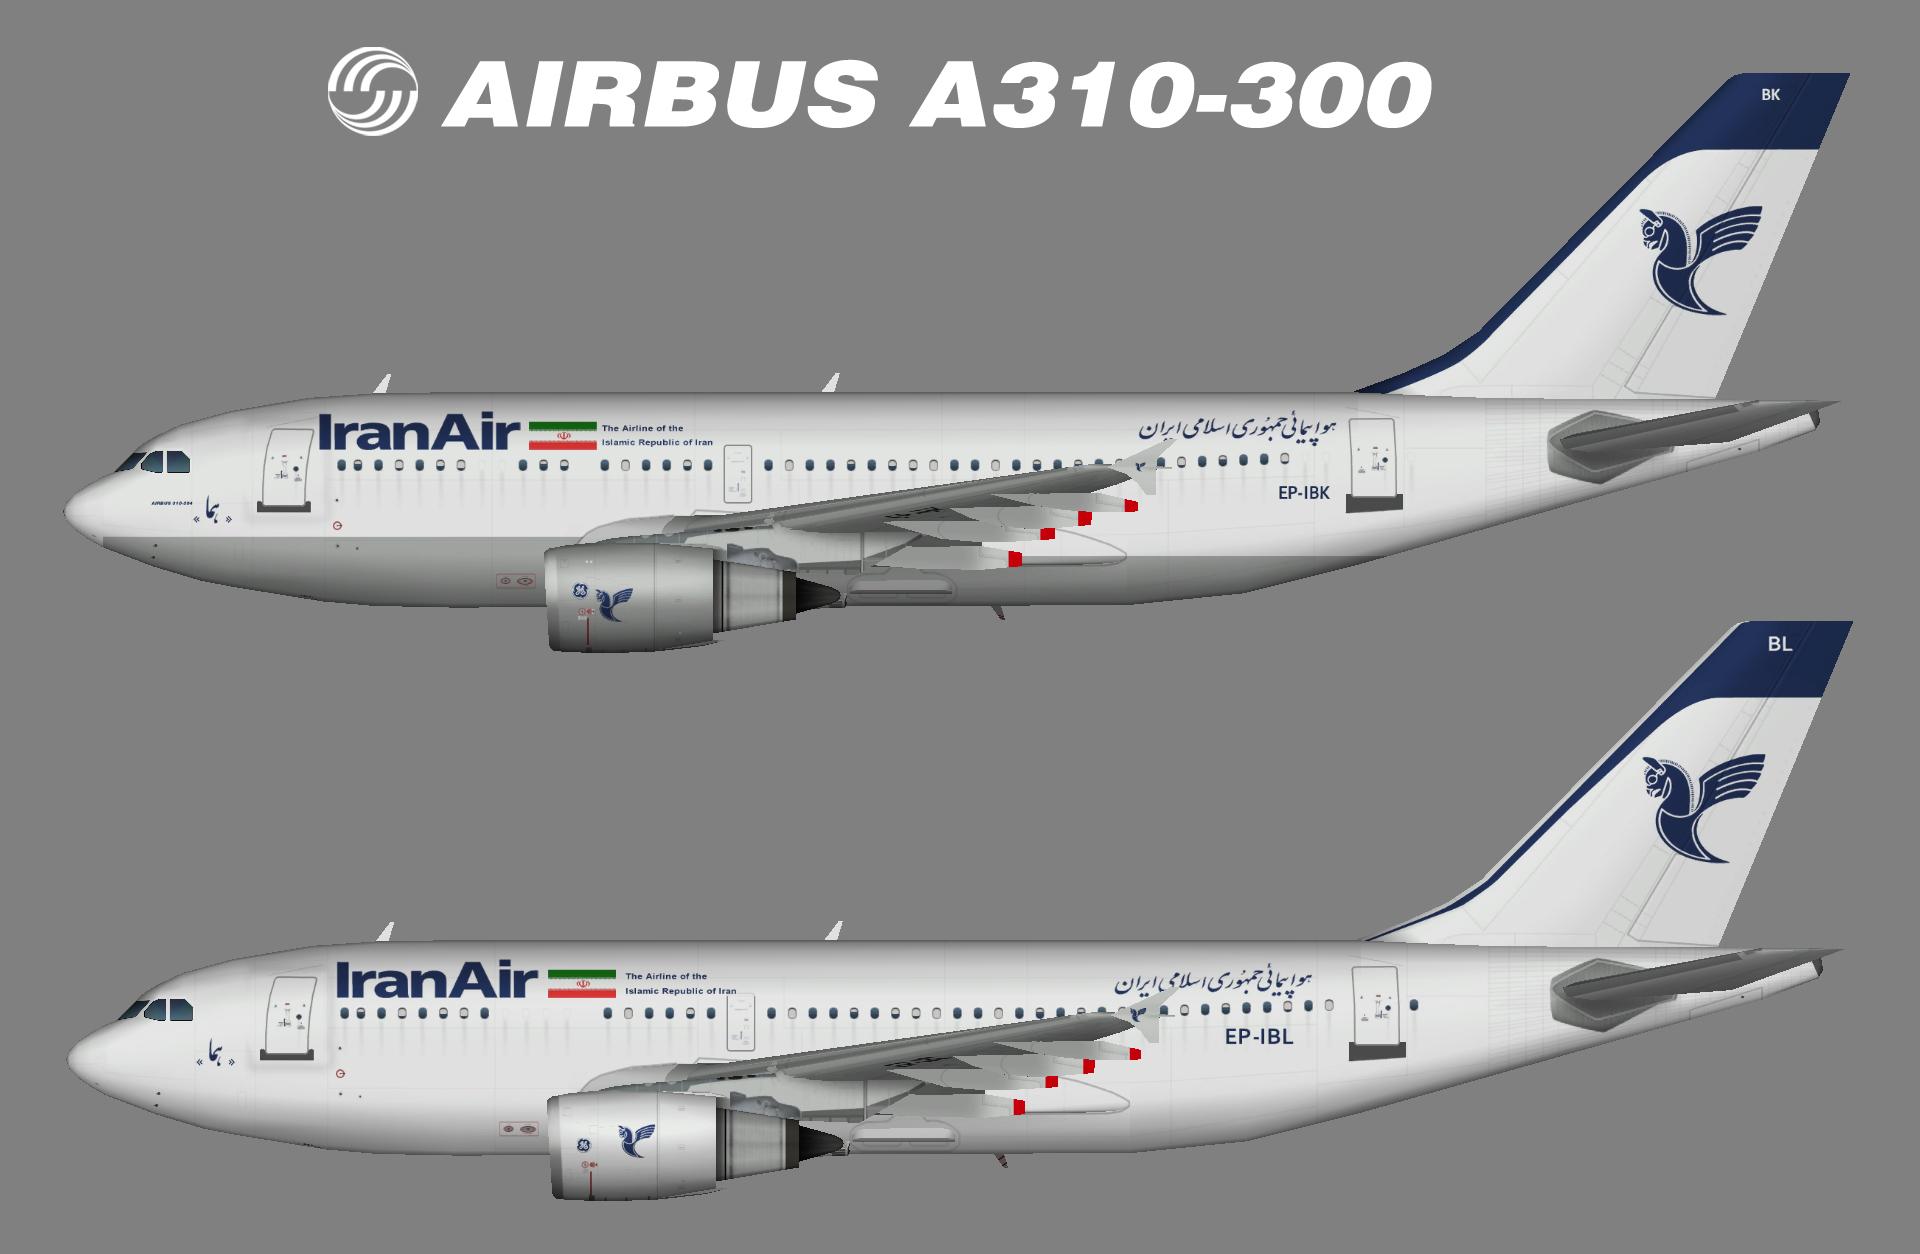 Iran Air A310-300